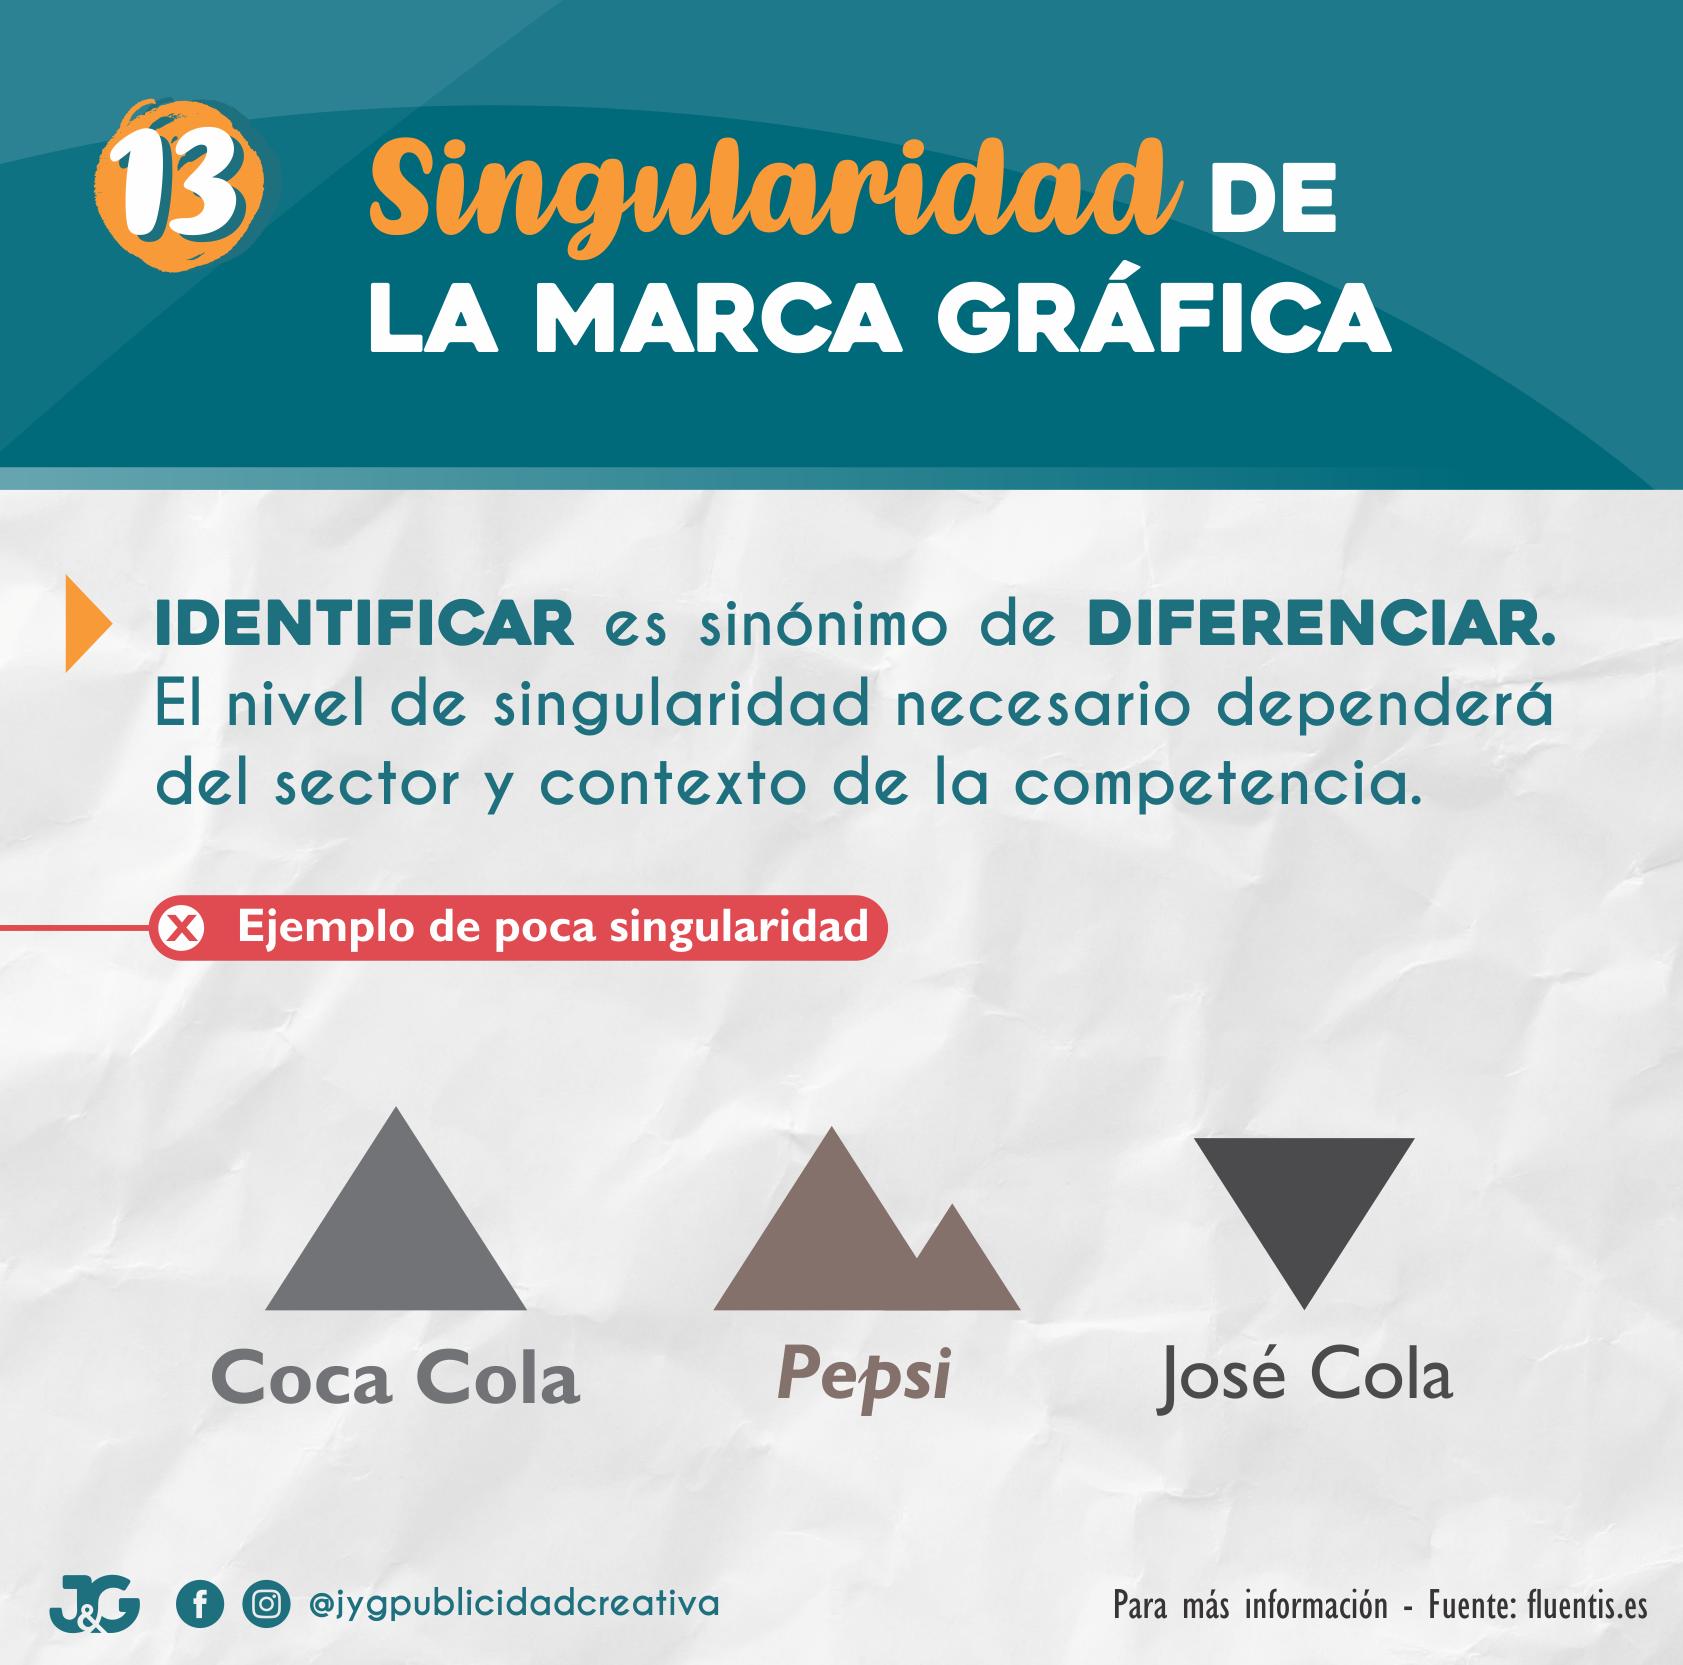 13 - Singularidad de la marca gráfica